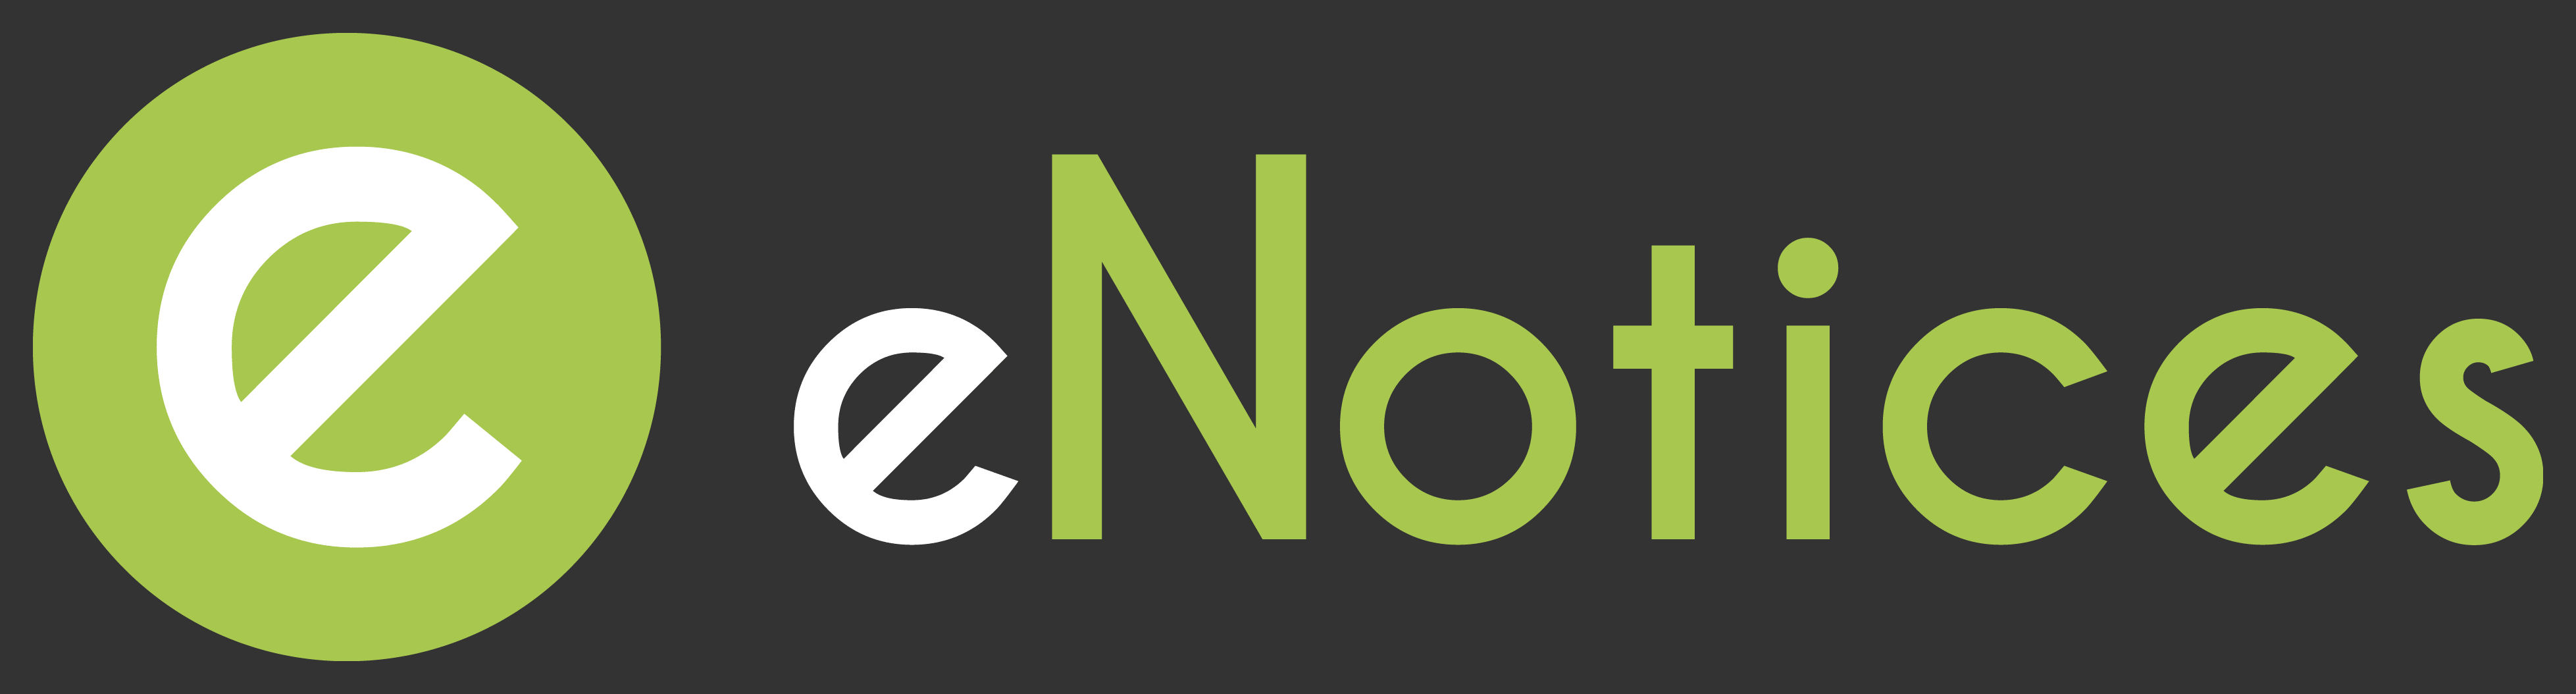 eNotices logo